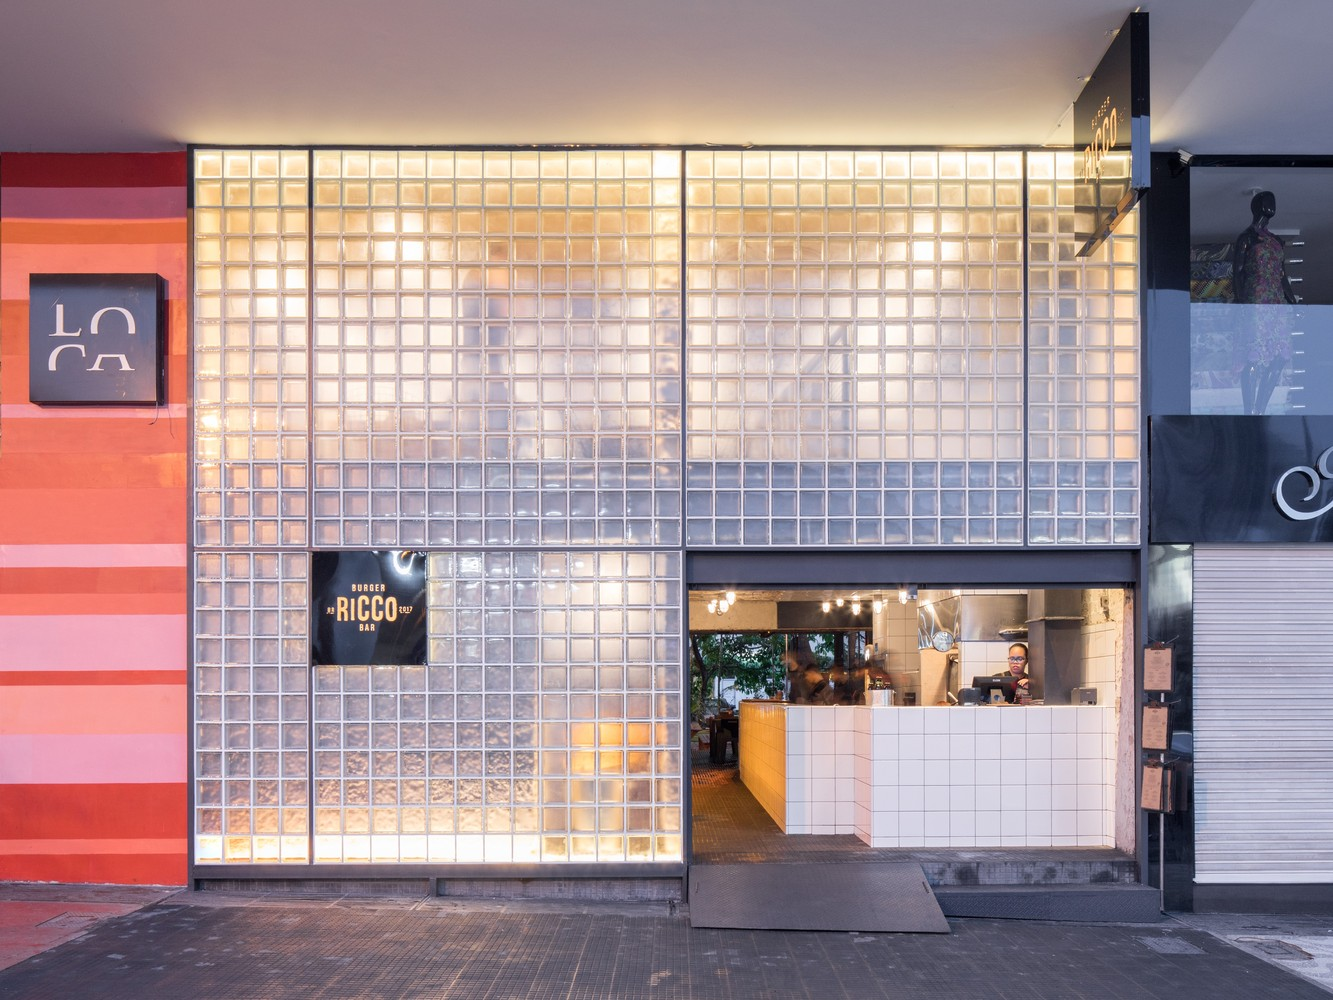 Tendencias en diseño y construcción del 2020: Lo recurrente, popular, relevante y sustancial,Ricco Burger Restaurant / BLOCO Arquitetos. Image © Haruo Mikami